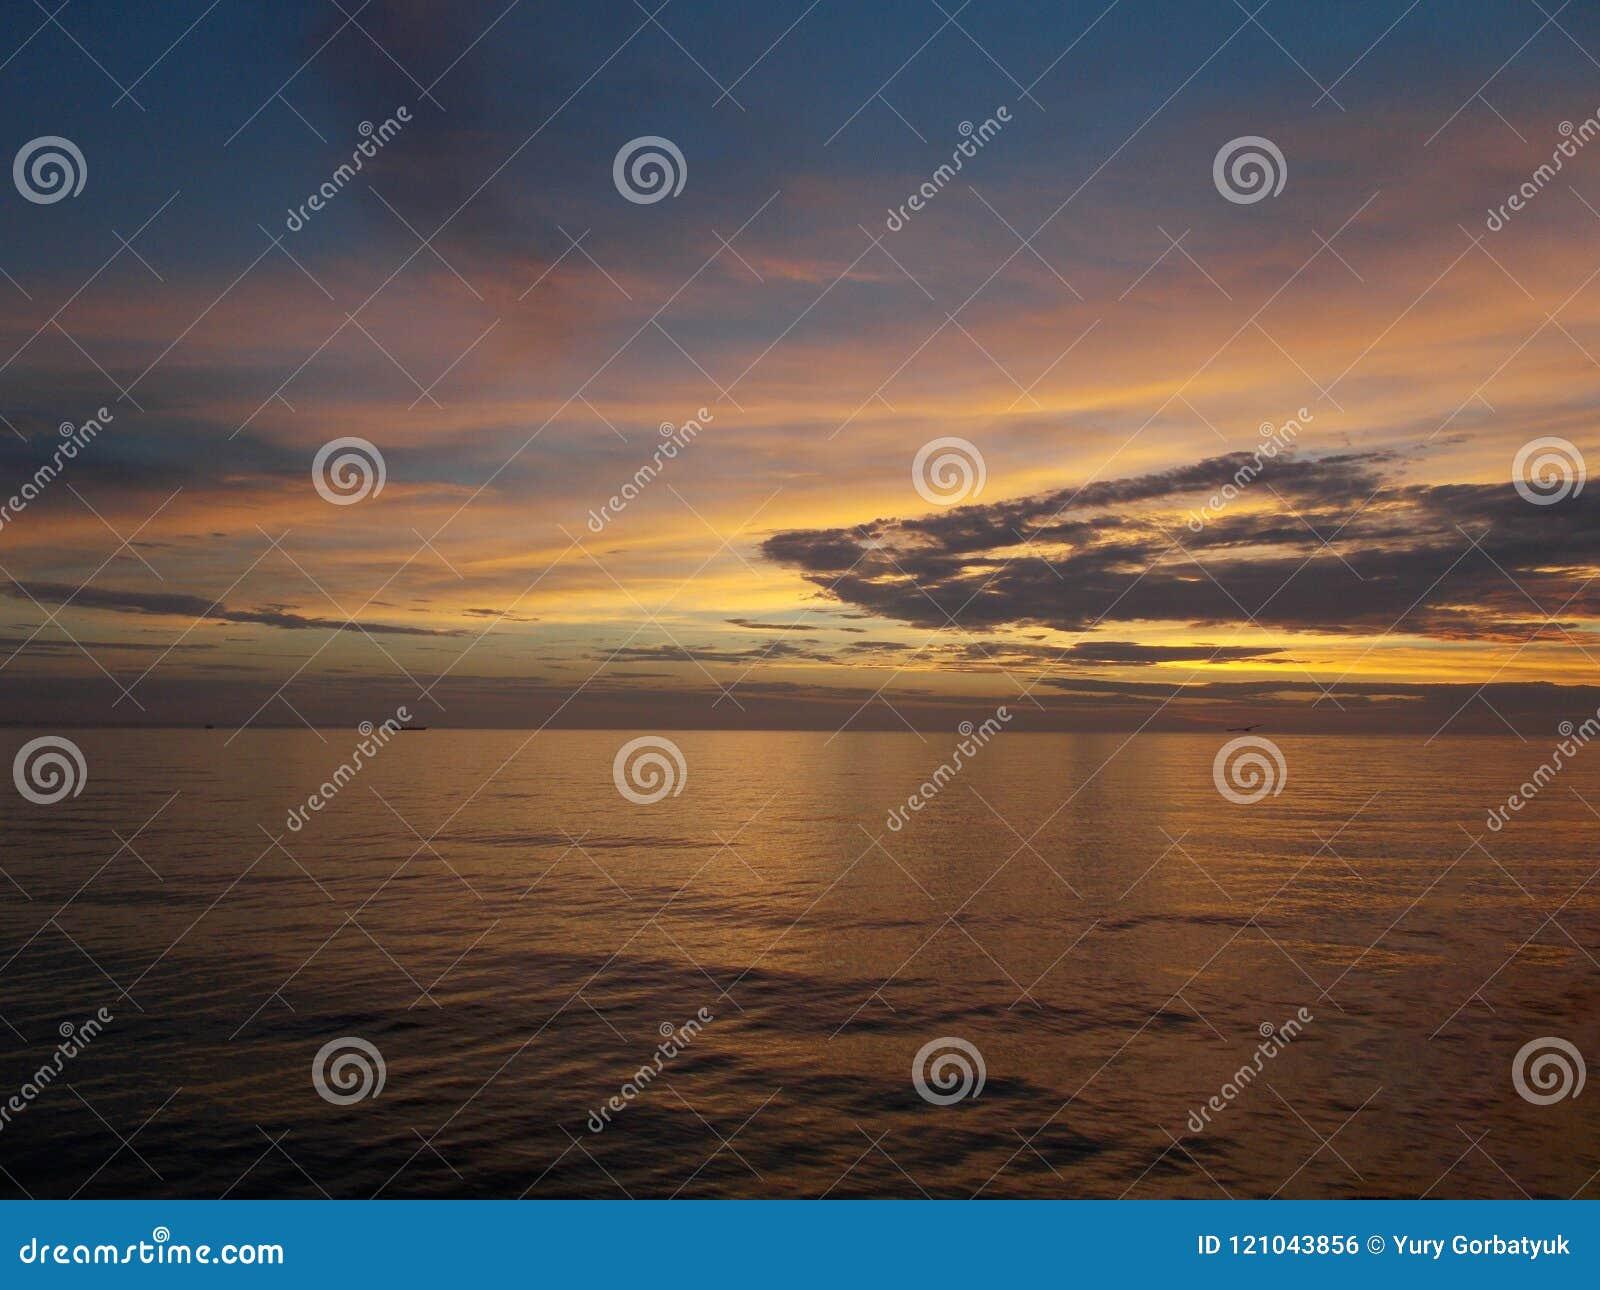 Золотой рассвет золота восхода солнца над поверхностью моря ровной